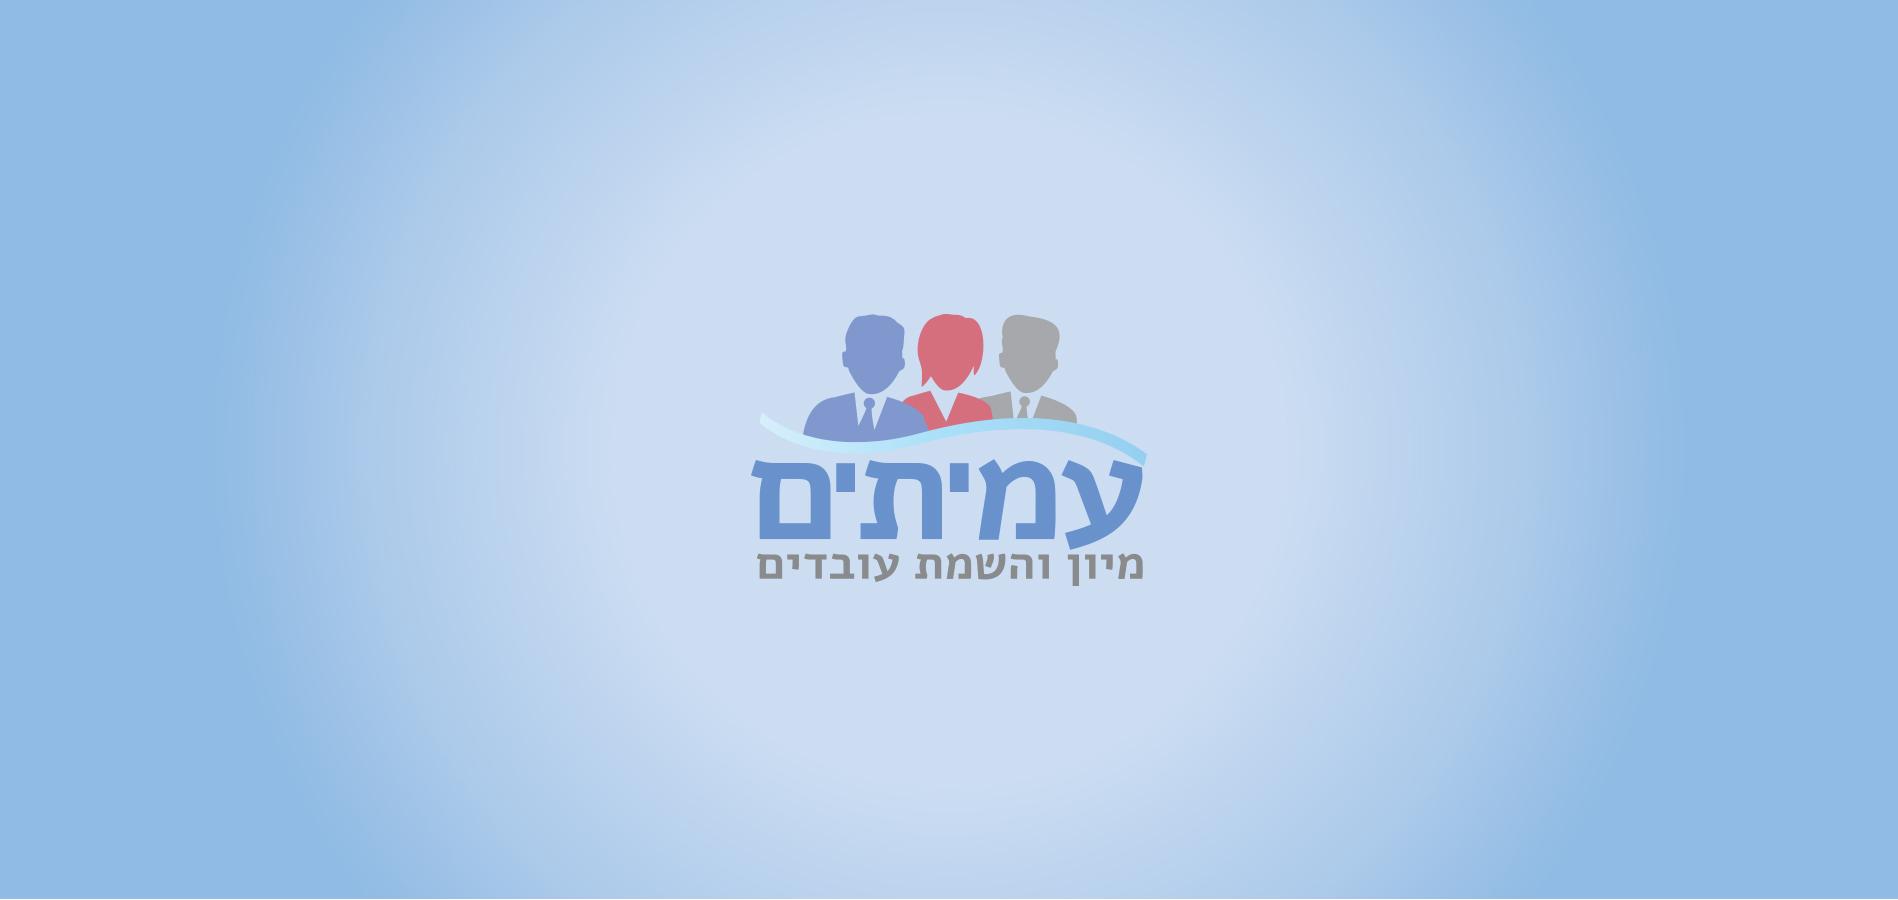 Amitim logo